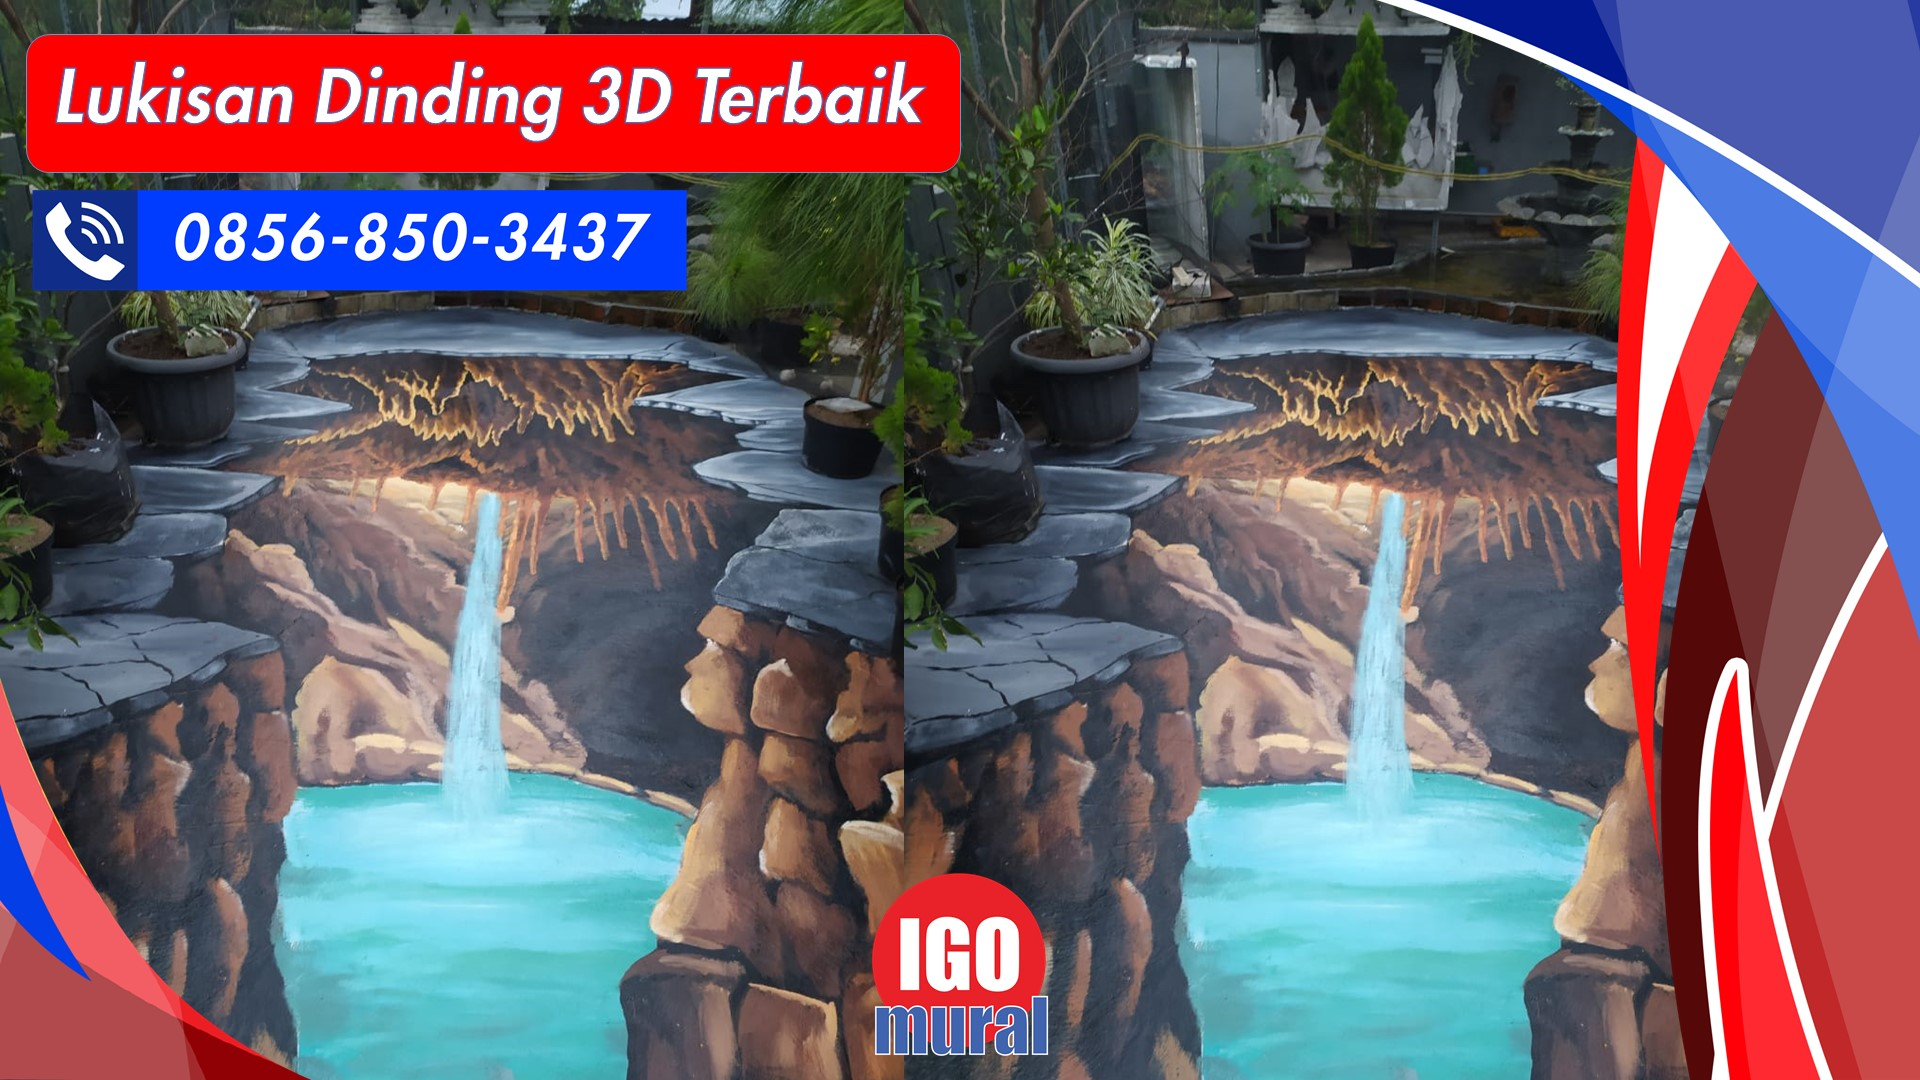 Lukisan Dinding 3D Terbaik